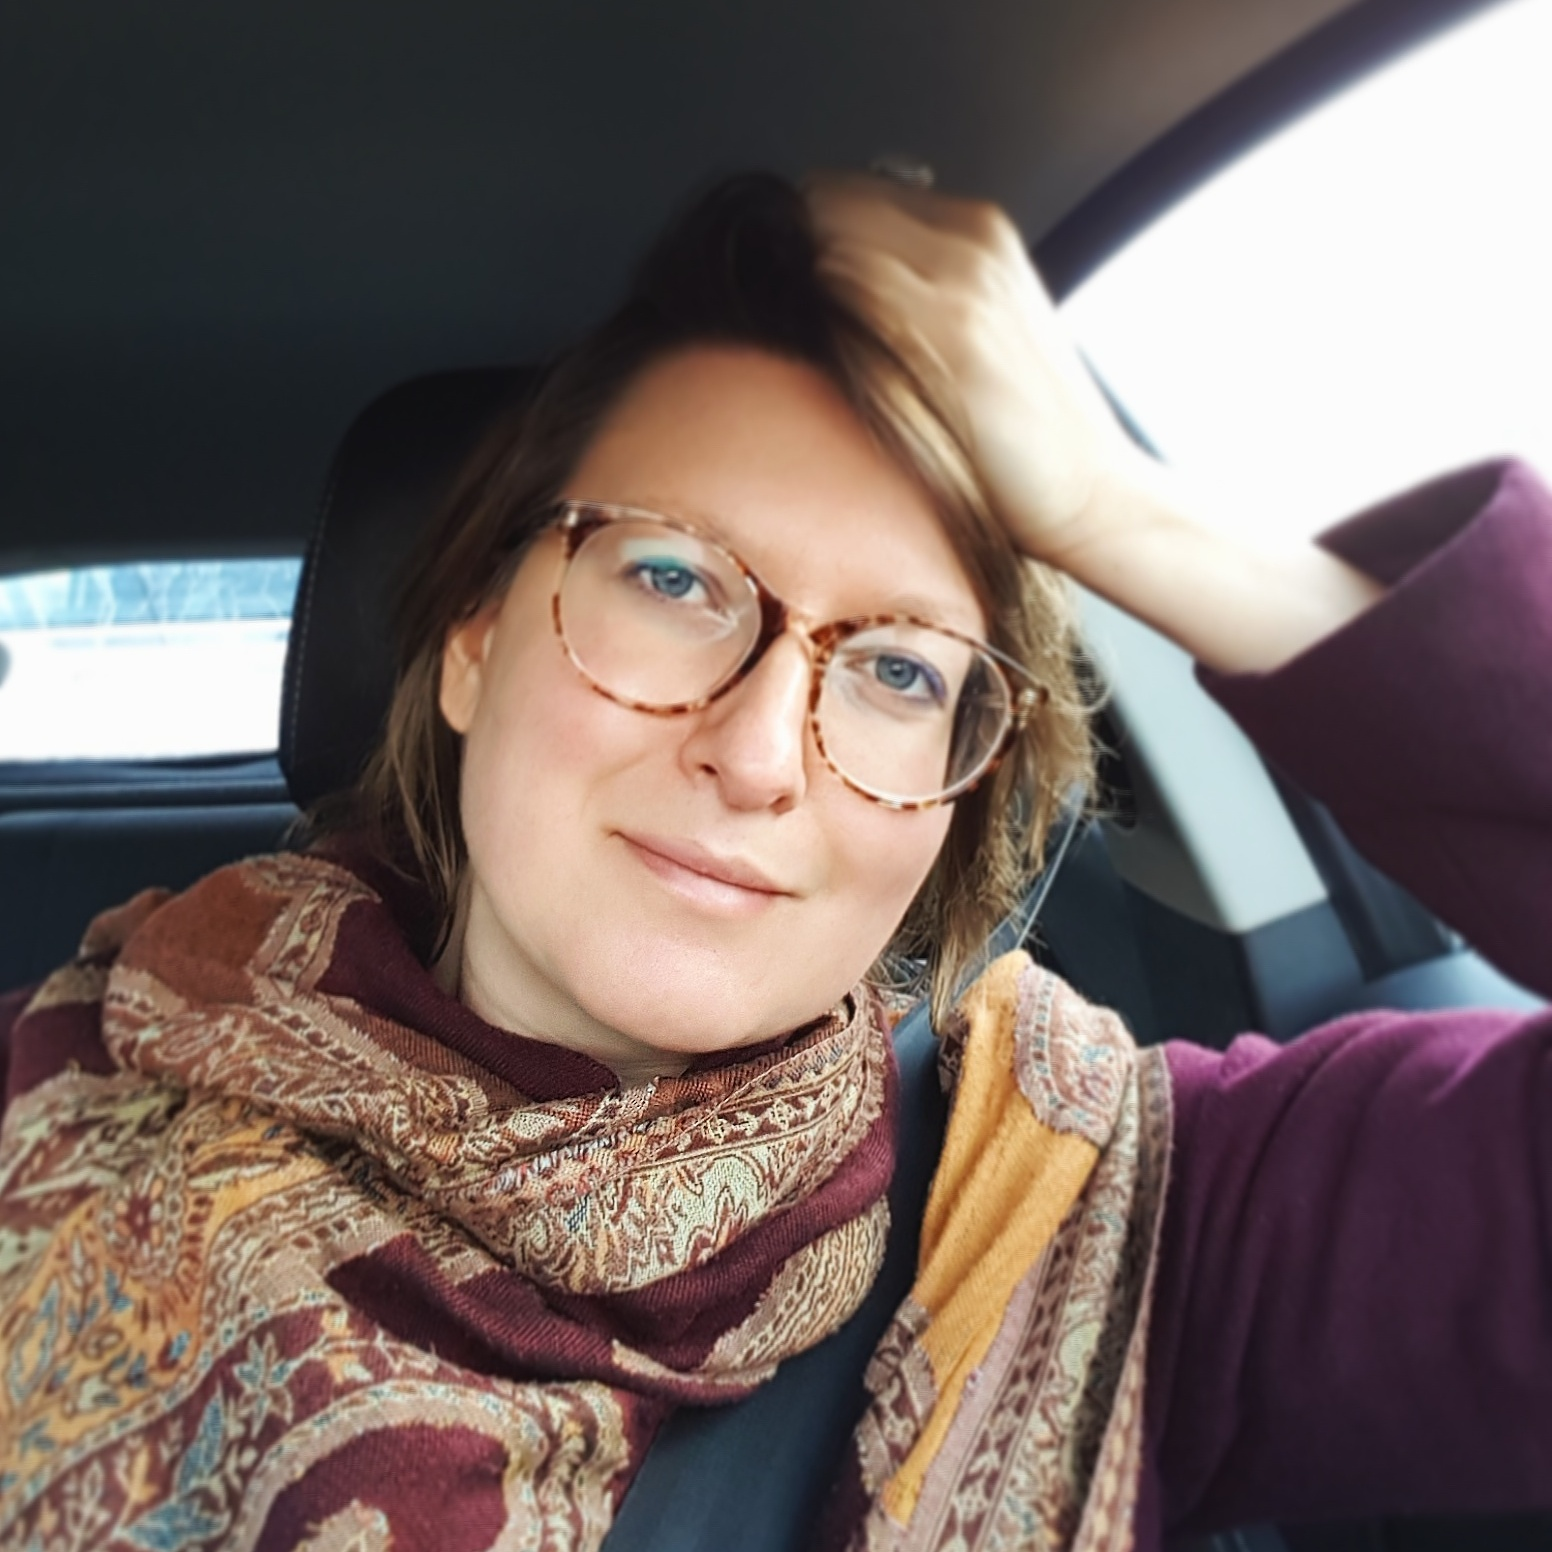 Linda van de Liefbrief